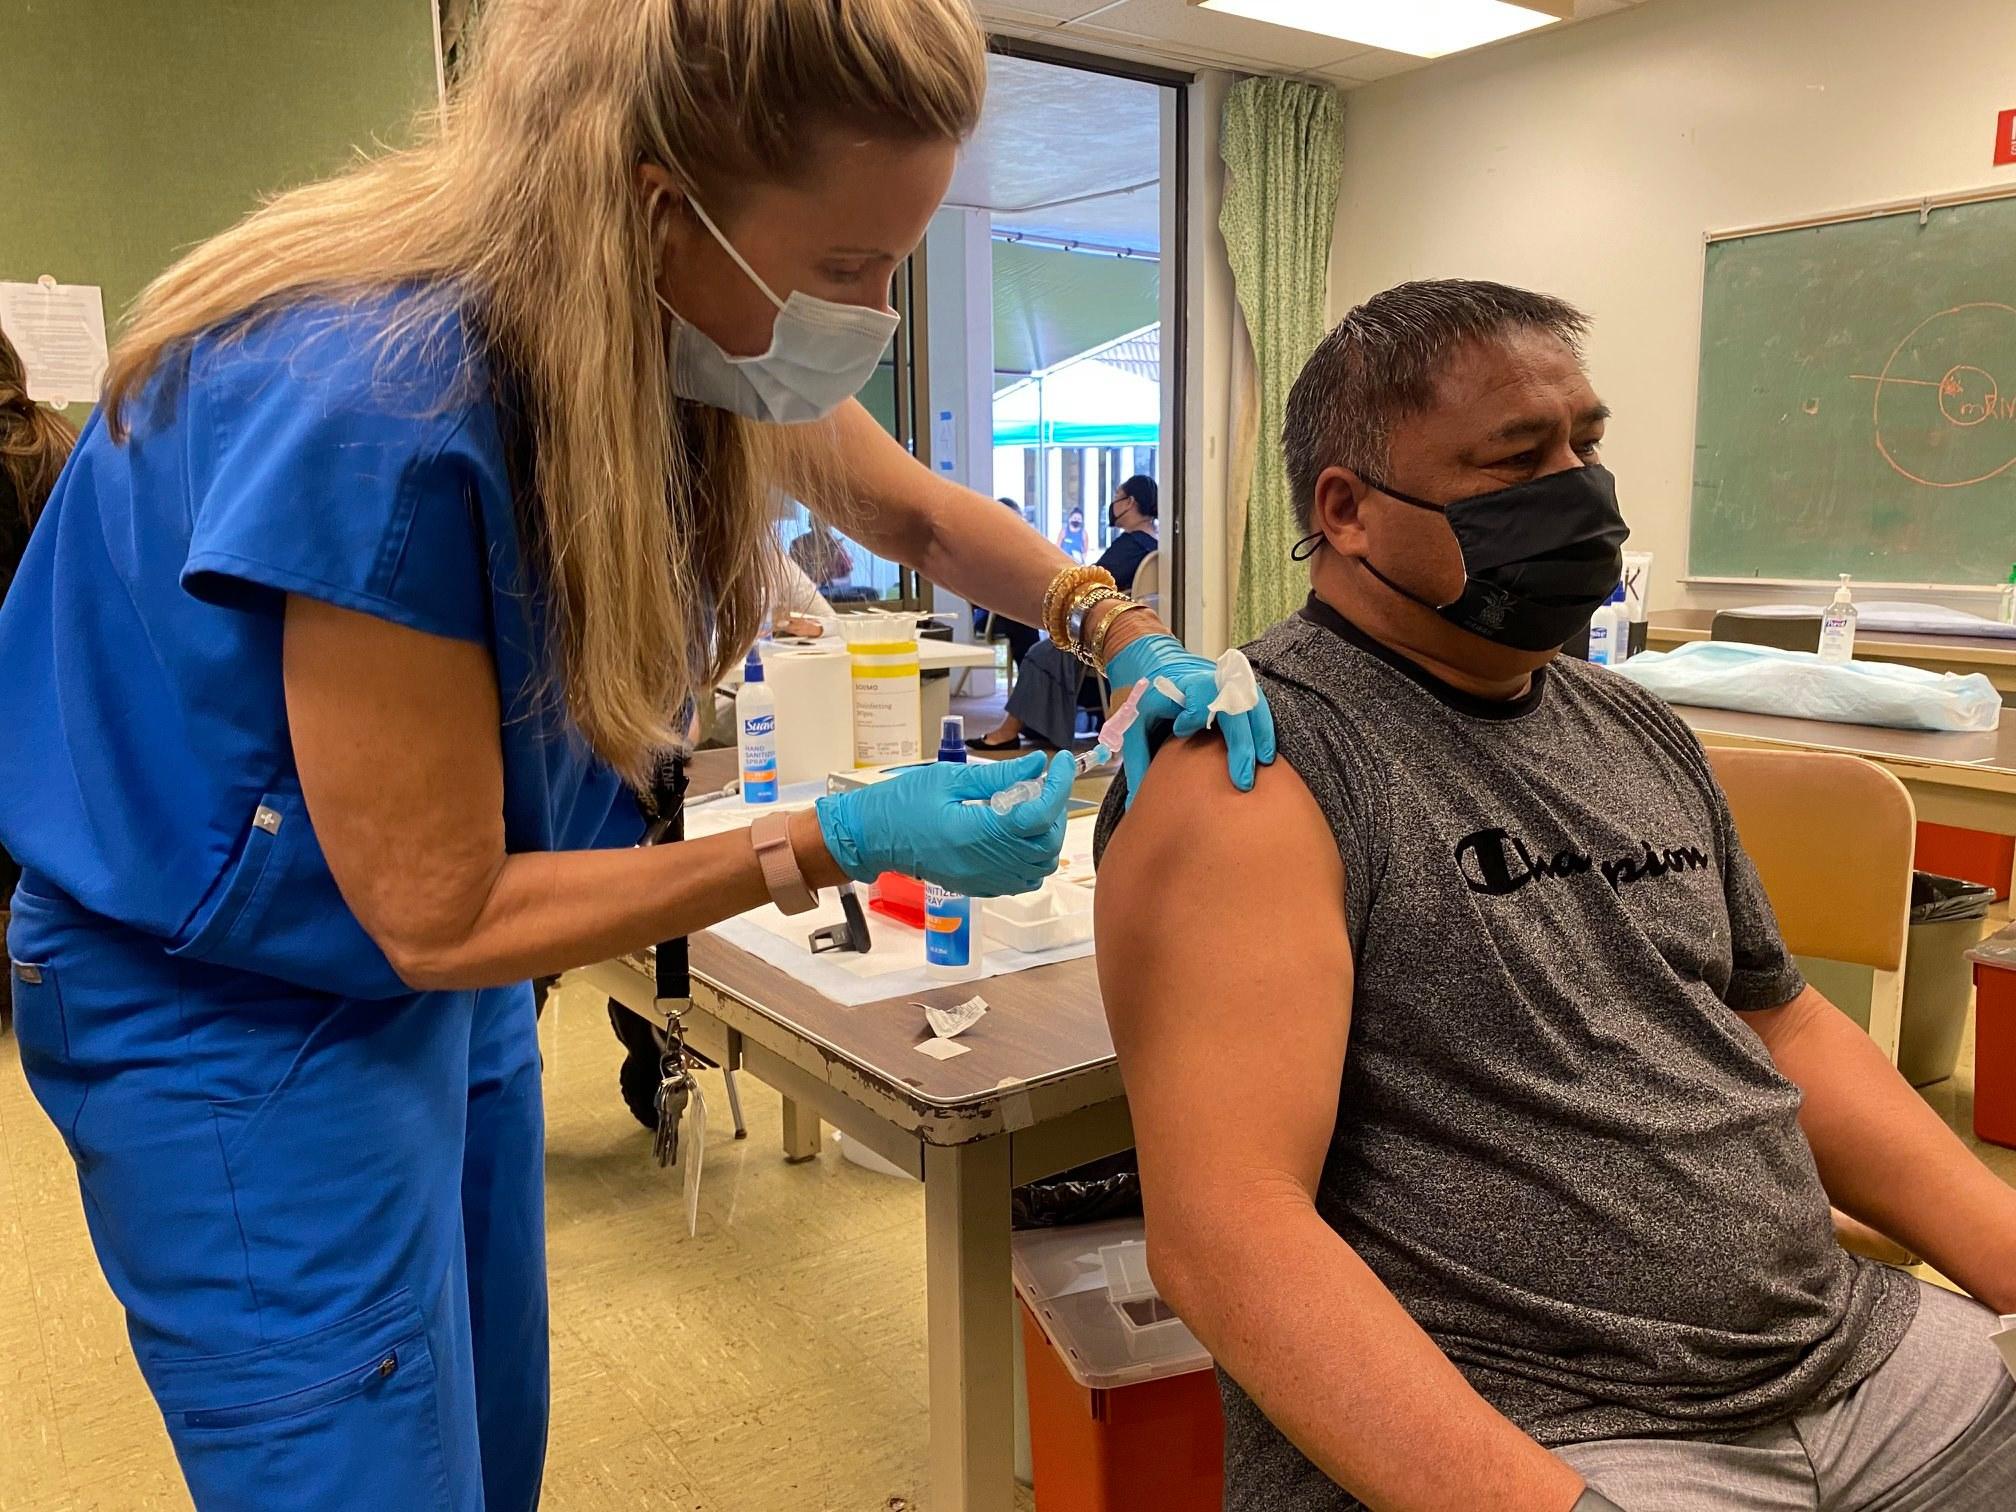 ハワイの医師は、3回目のワクチン接種が必要かどうかを知るには、まだ早すぎると言います